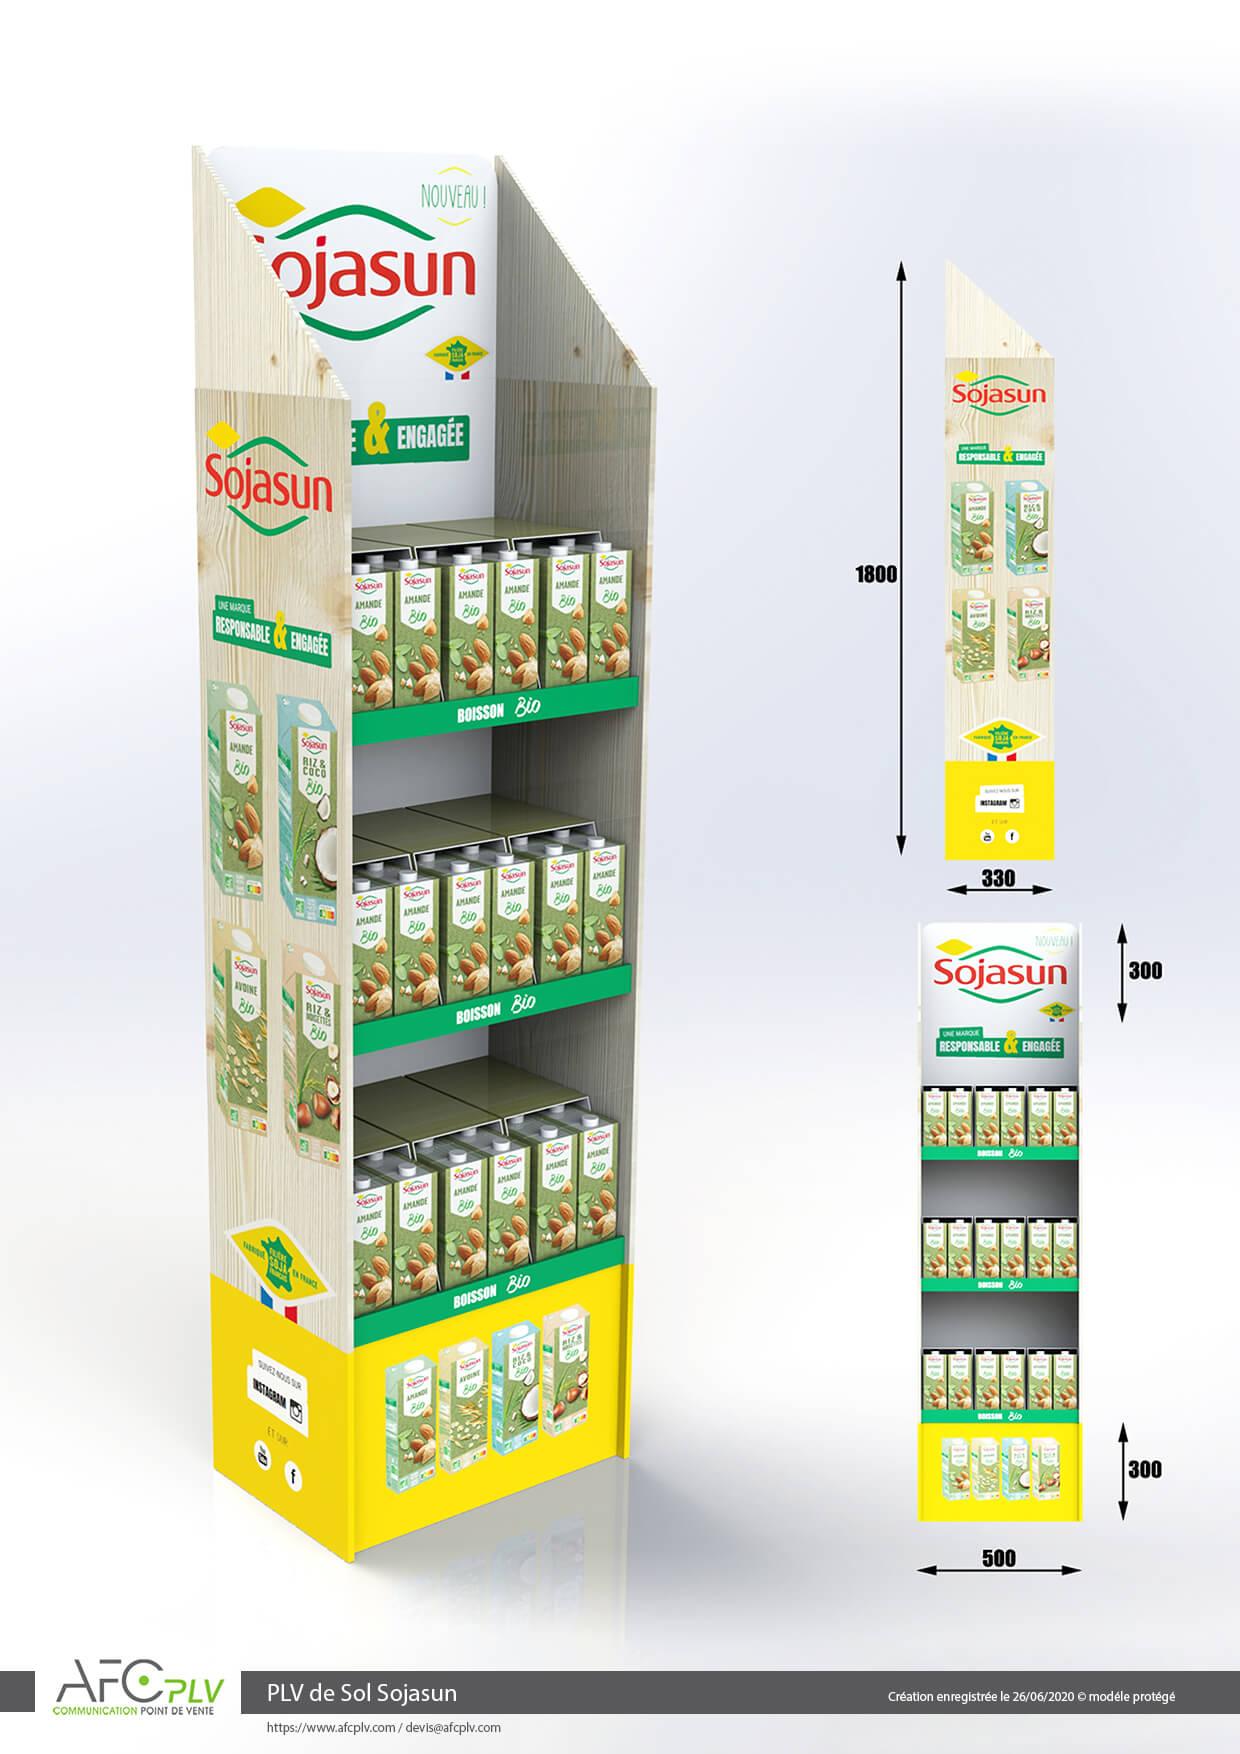 PLV de Sol Sojasun